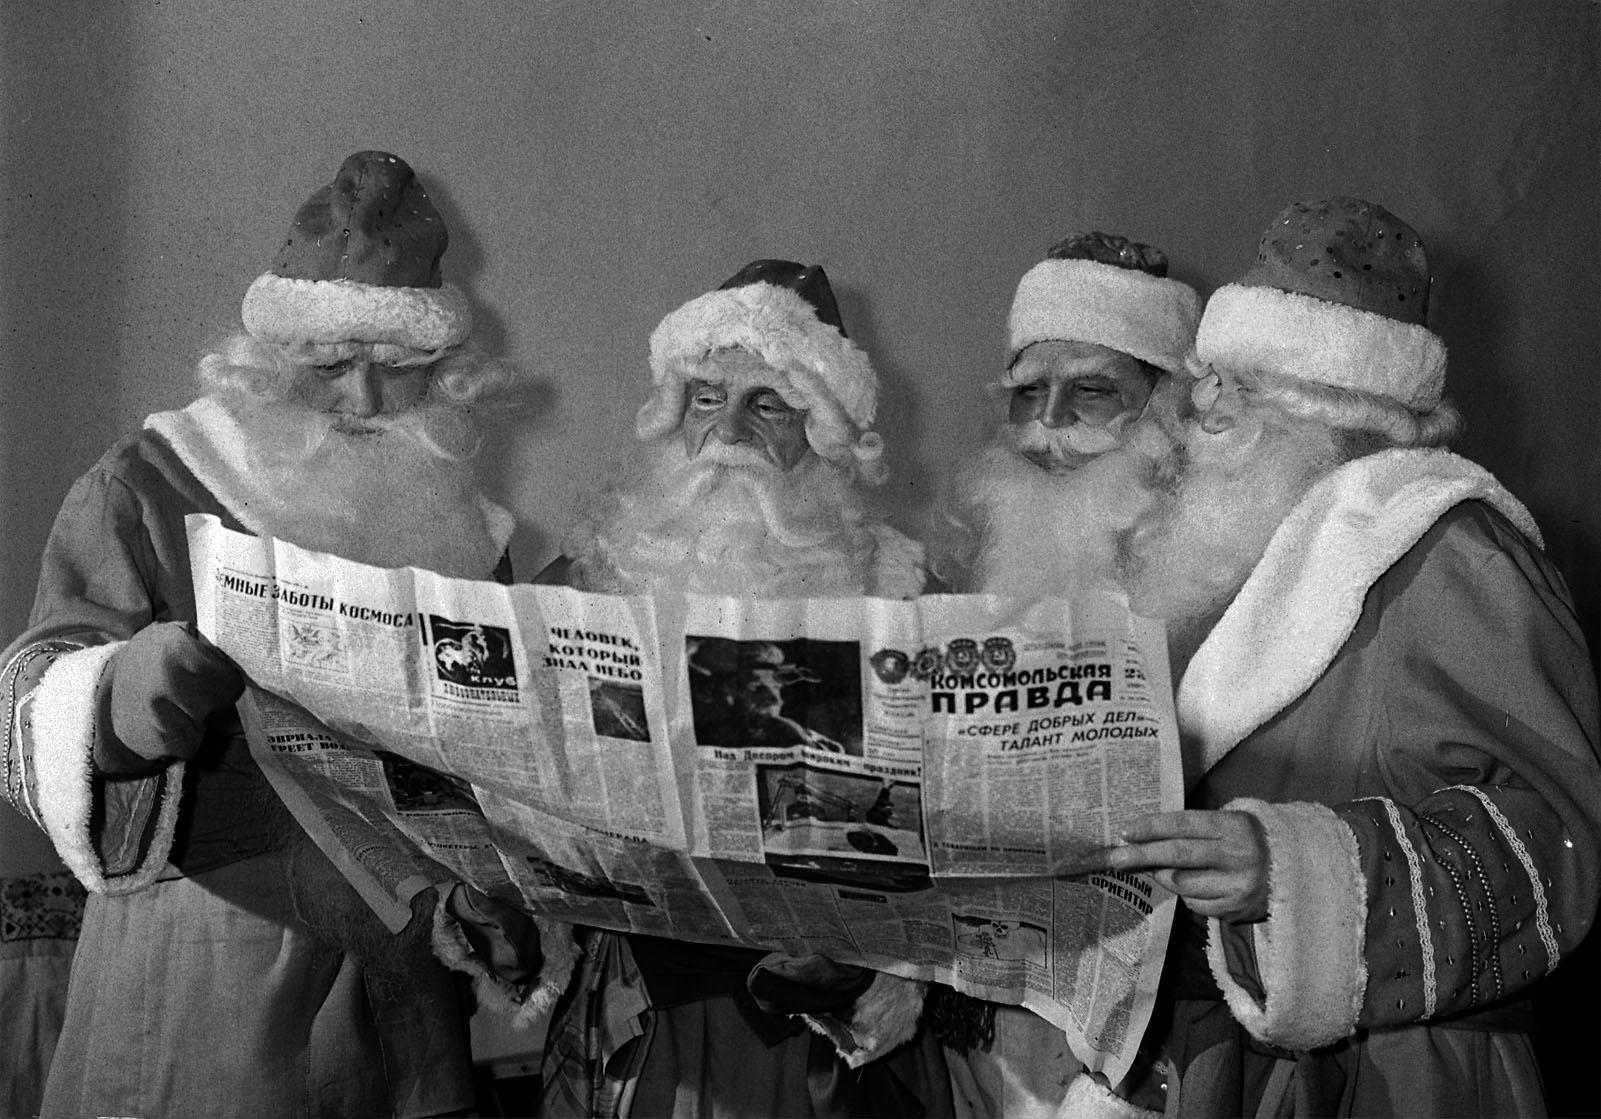 1967. Деды Морозы в перерыве между репетициями. Автор В. Будан. 23 декабря